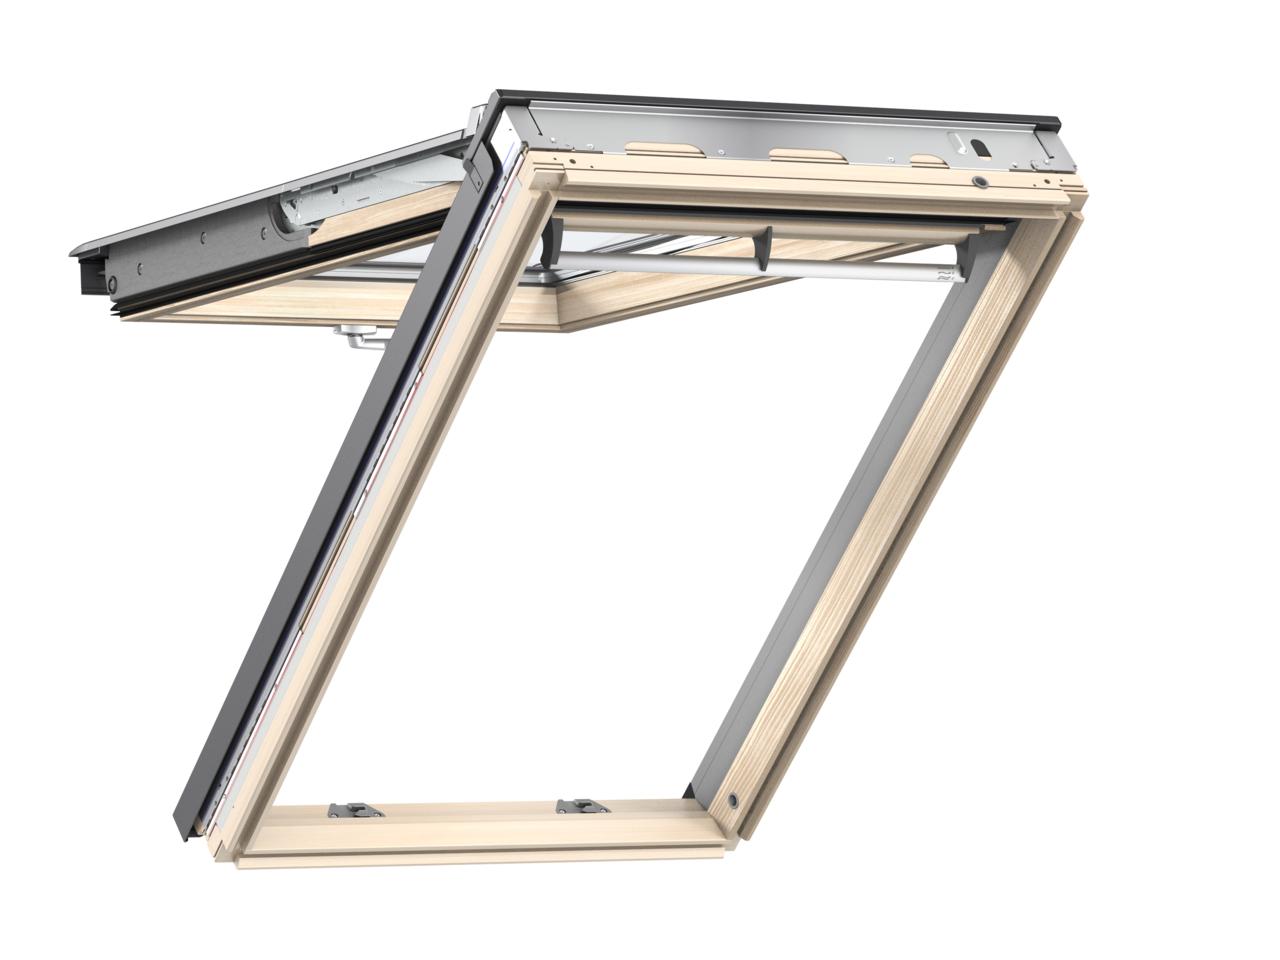 Výklopně-kyvné okno VELUX GPL 3068 rozměr: MK08 78x140 cm